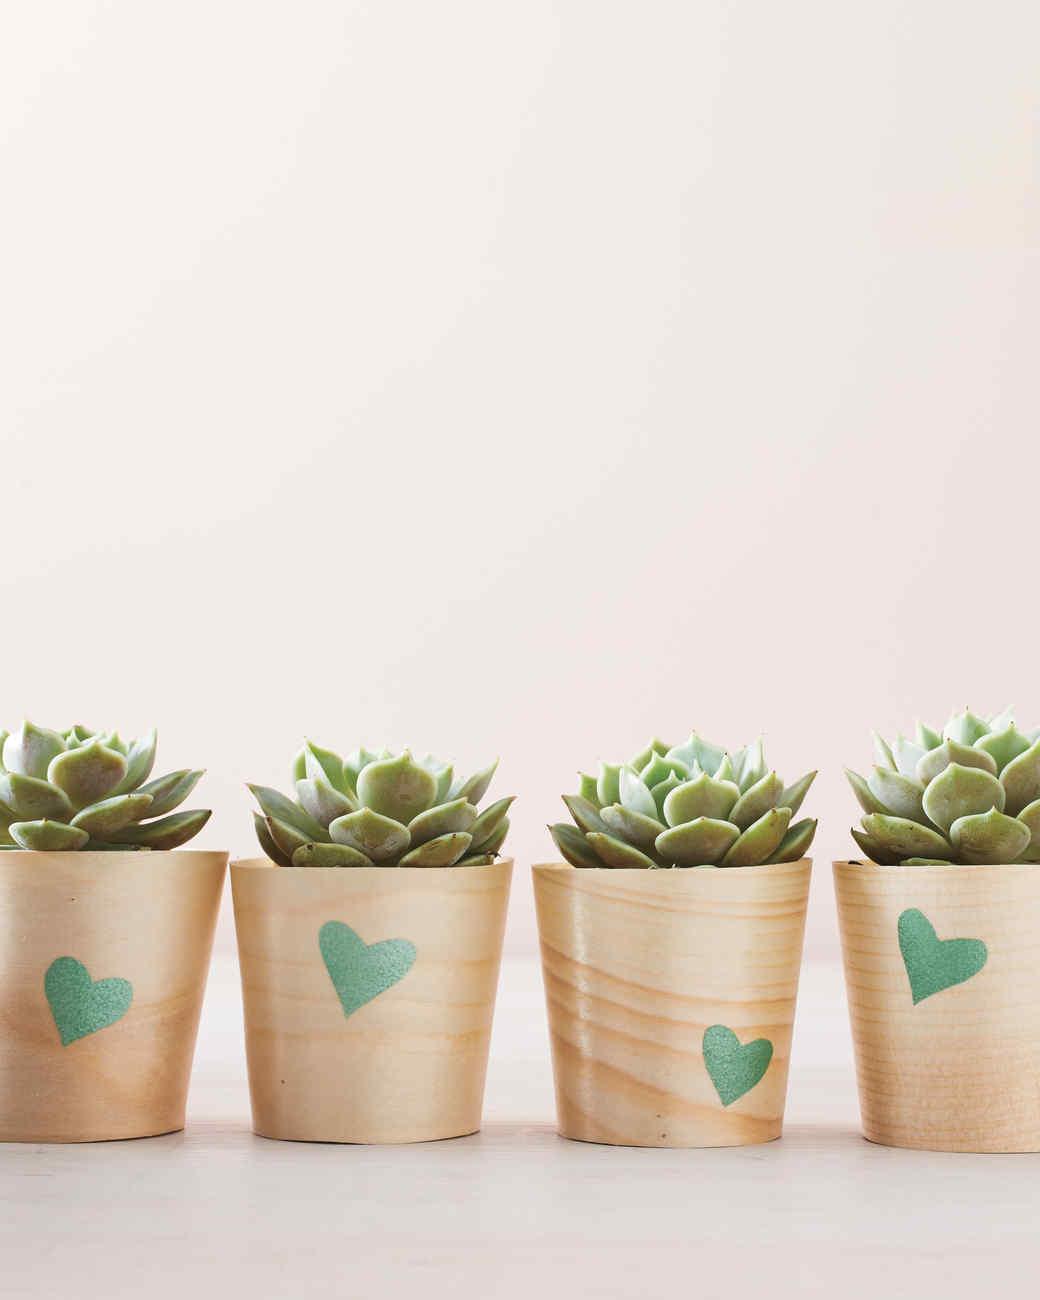 succulents-0257-mld110690.jpg